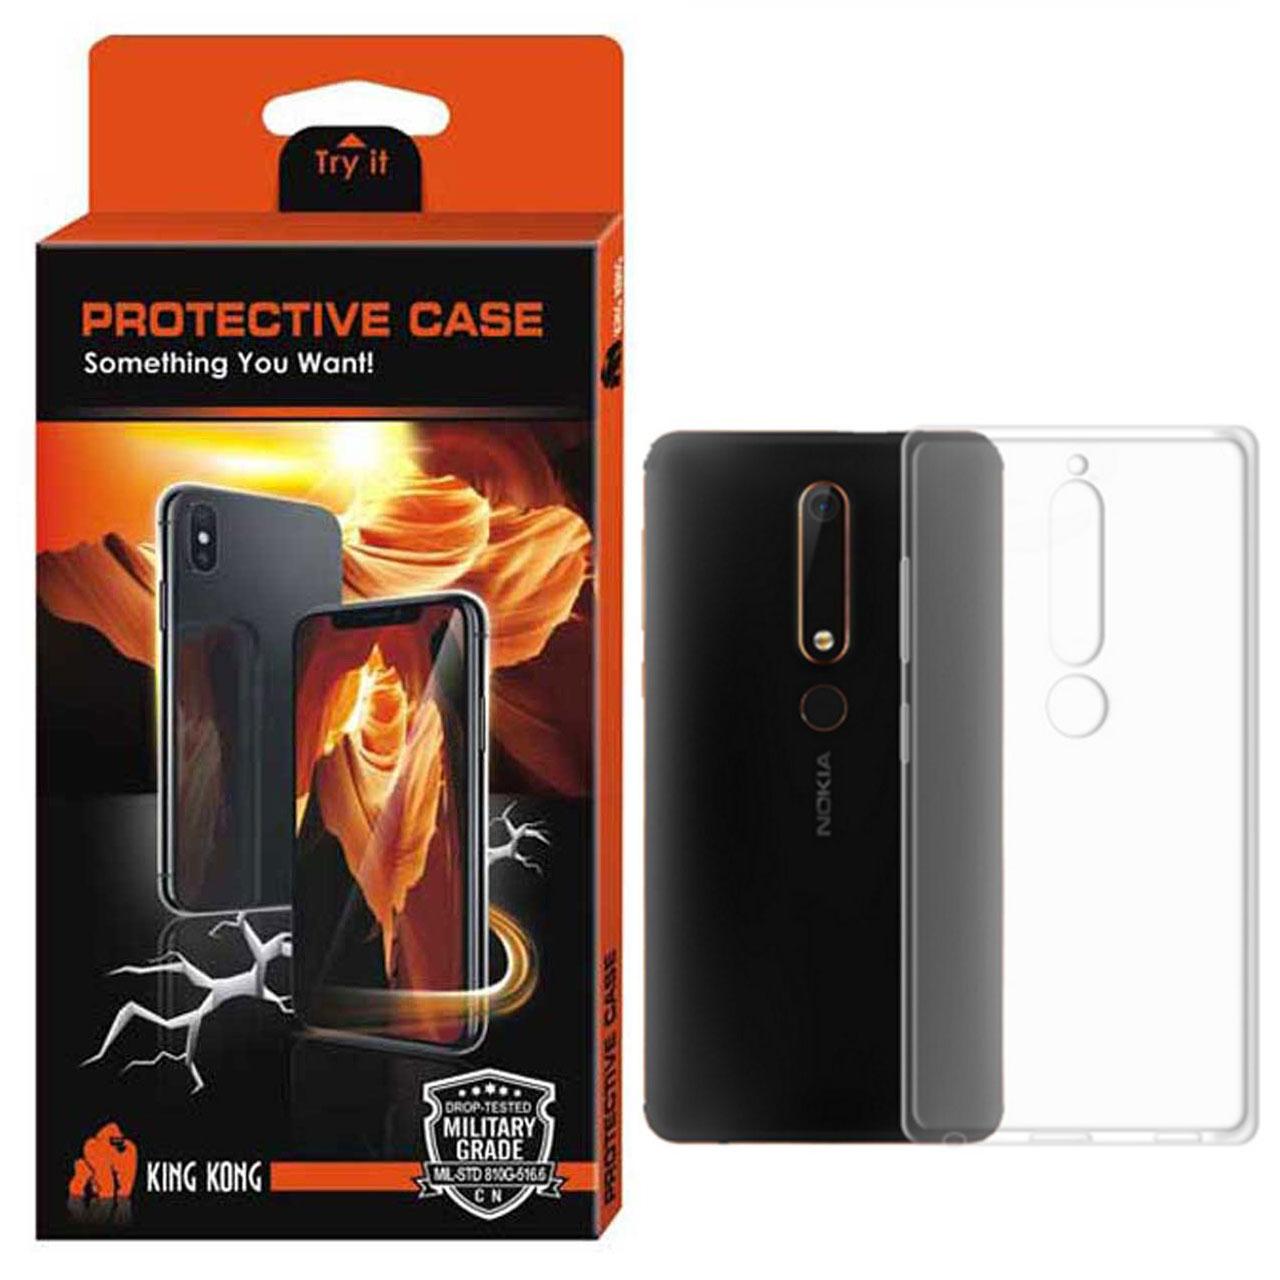 کاور کینگ کونگ مدل TPU Protective مناسب برای گوشی Nokia 6.1